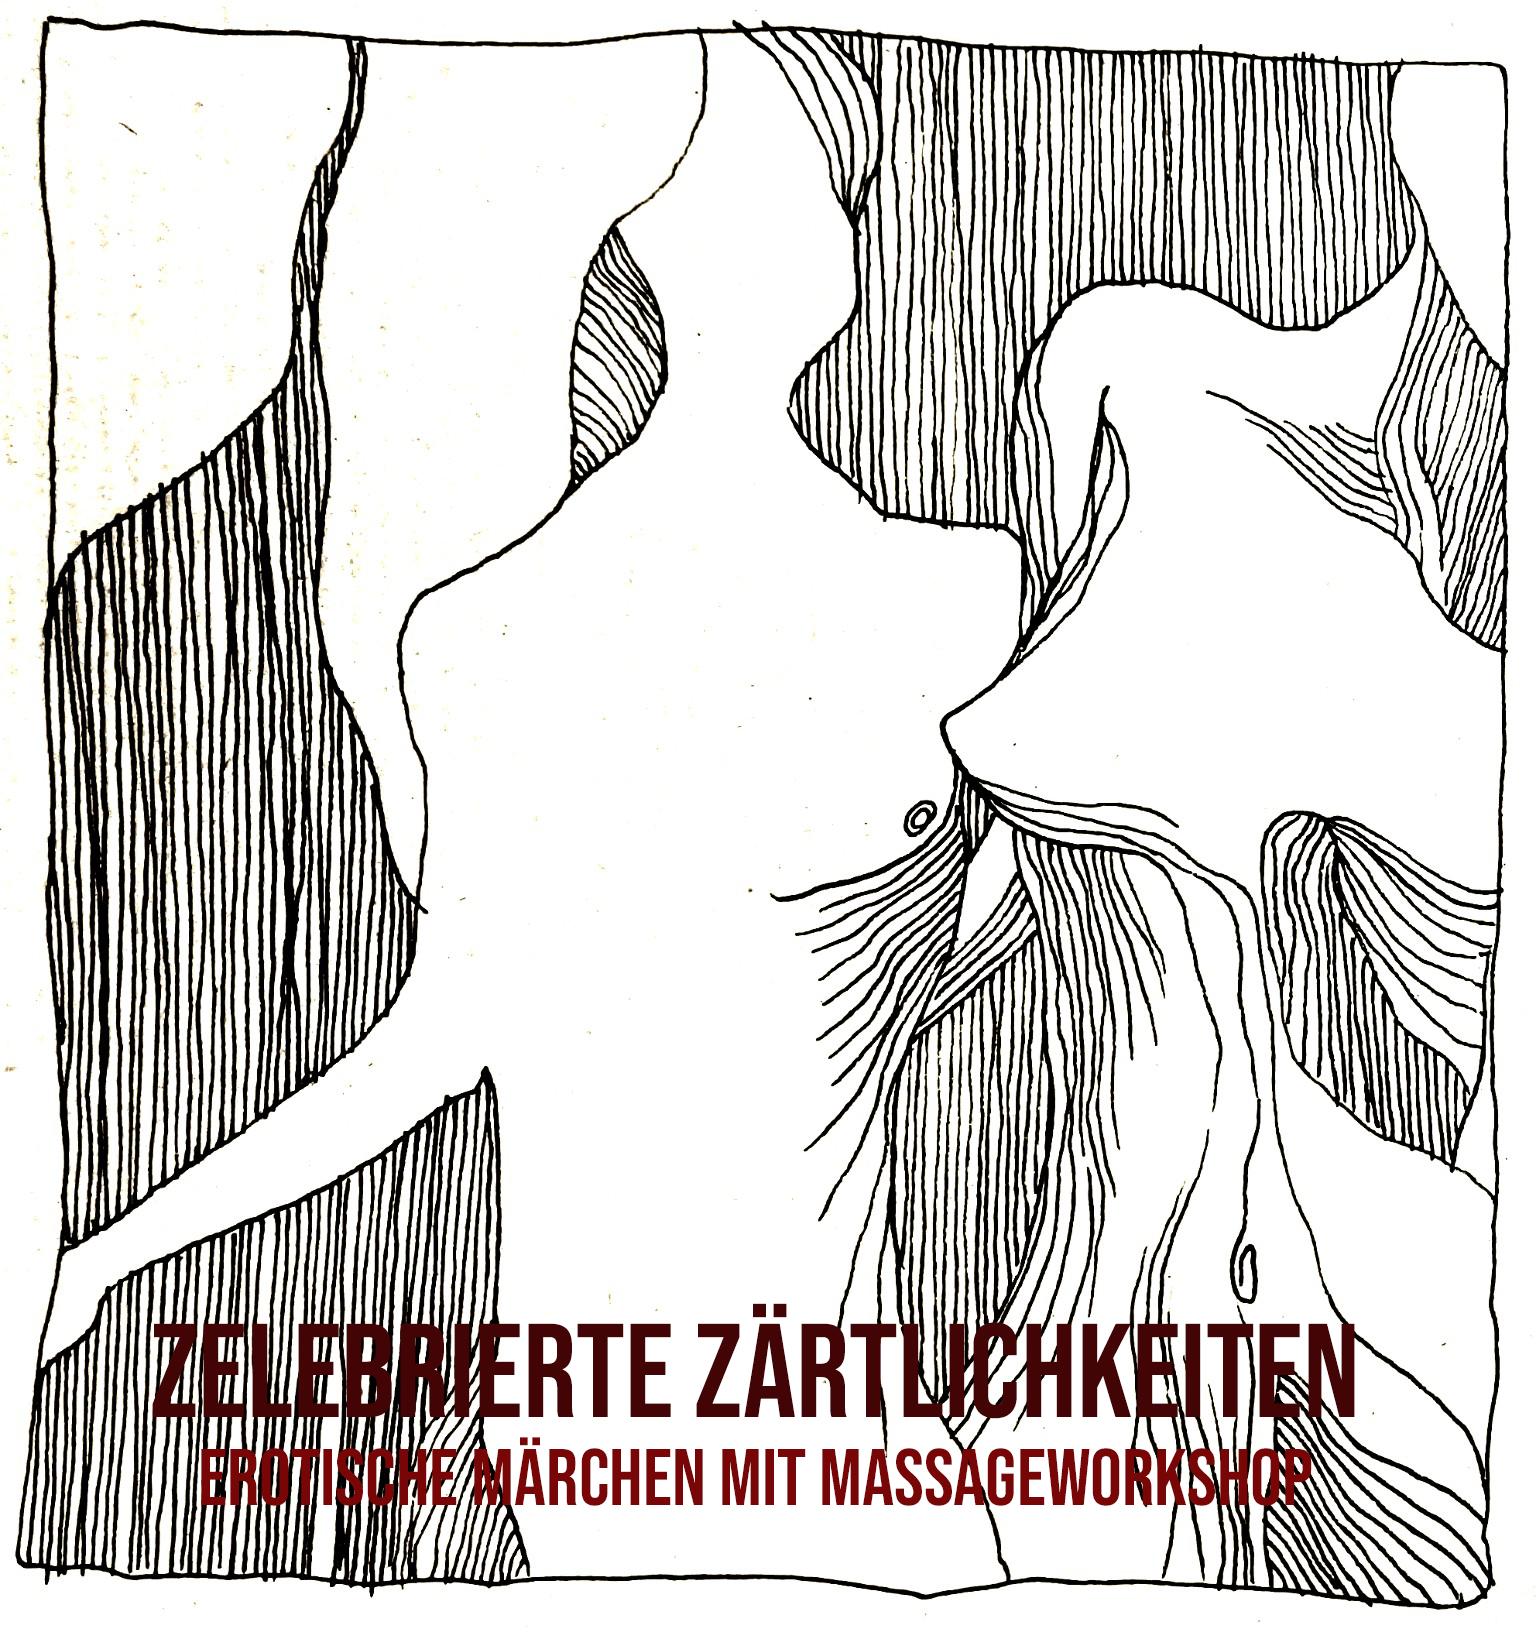 WebsiteZelebrierteZärtlichkeiten